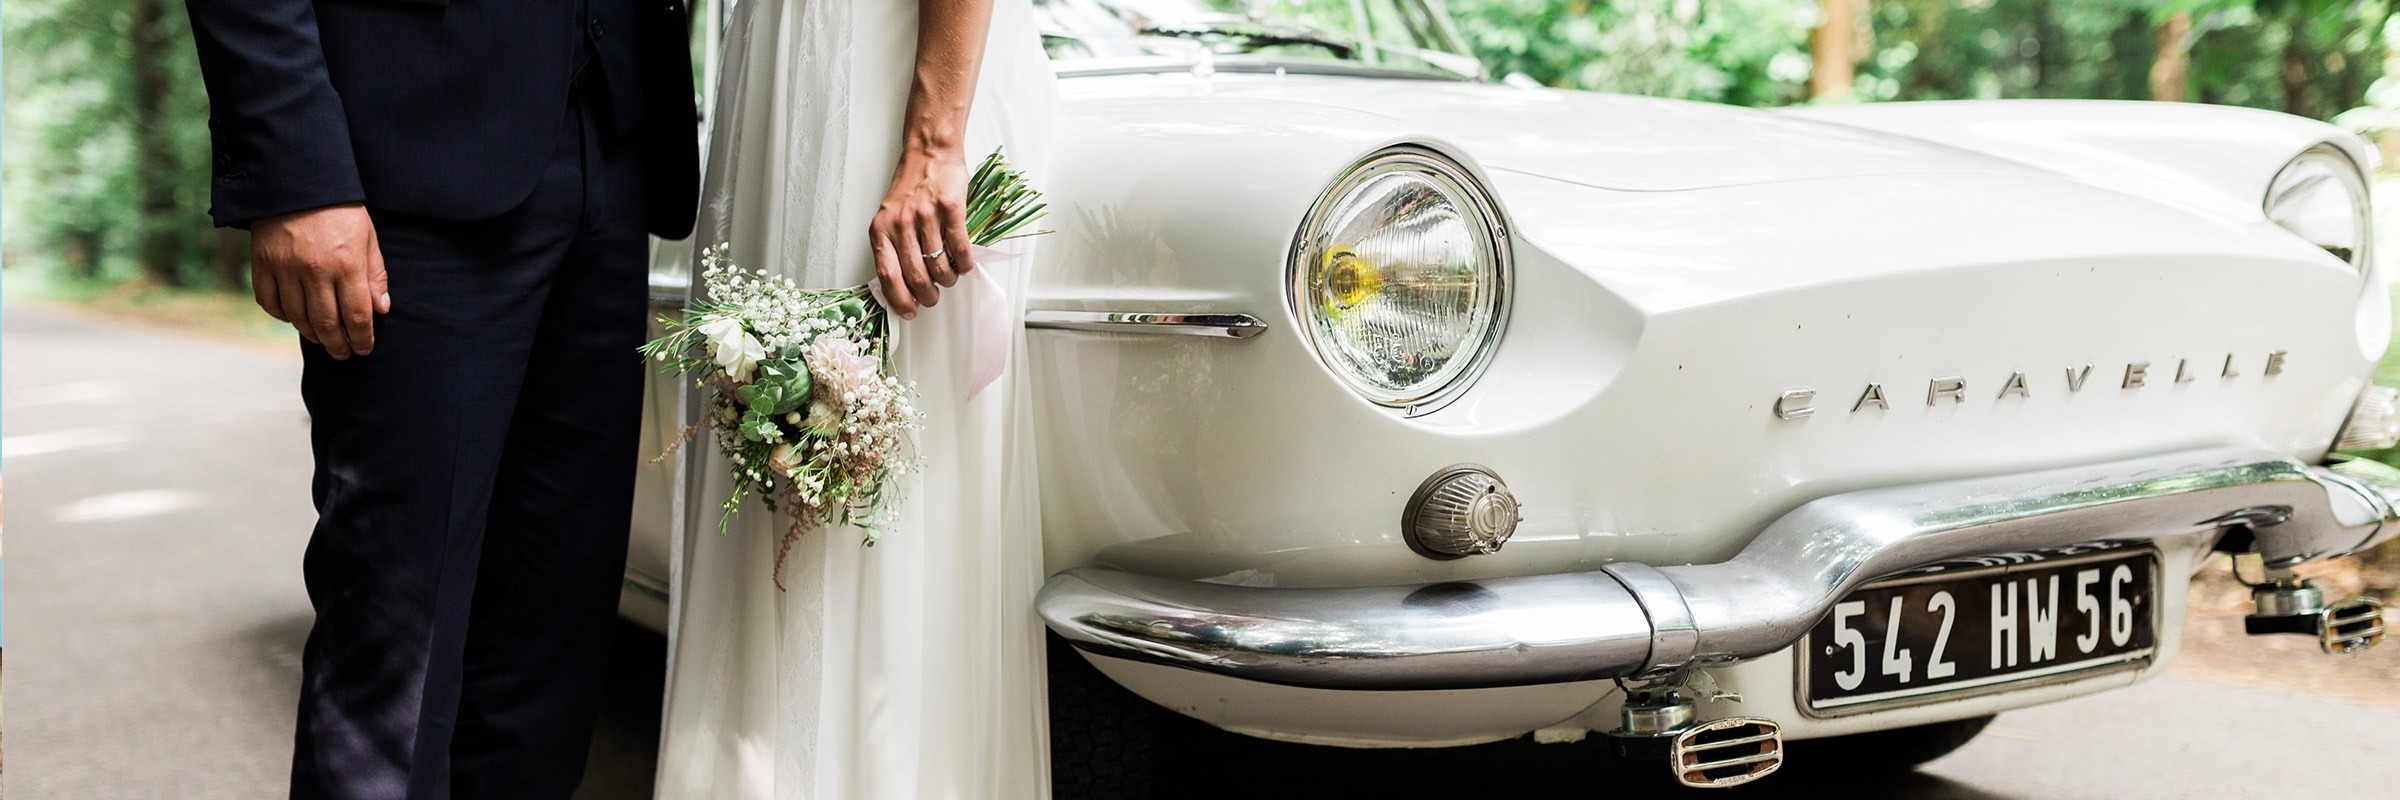 Mea Photography photographe de mariage à Rennes Vannes Lorient Saint Malo Fougères Bain de Bretagne (9)